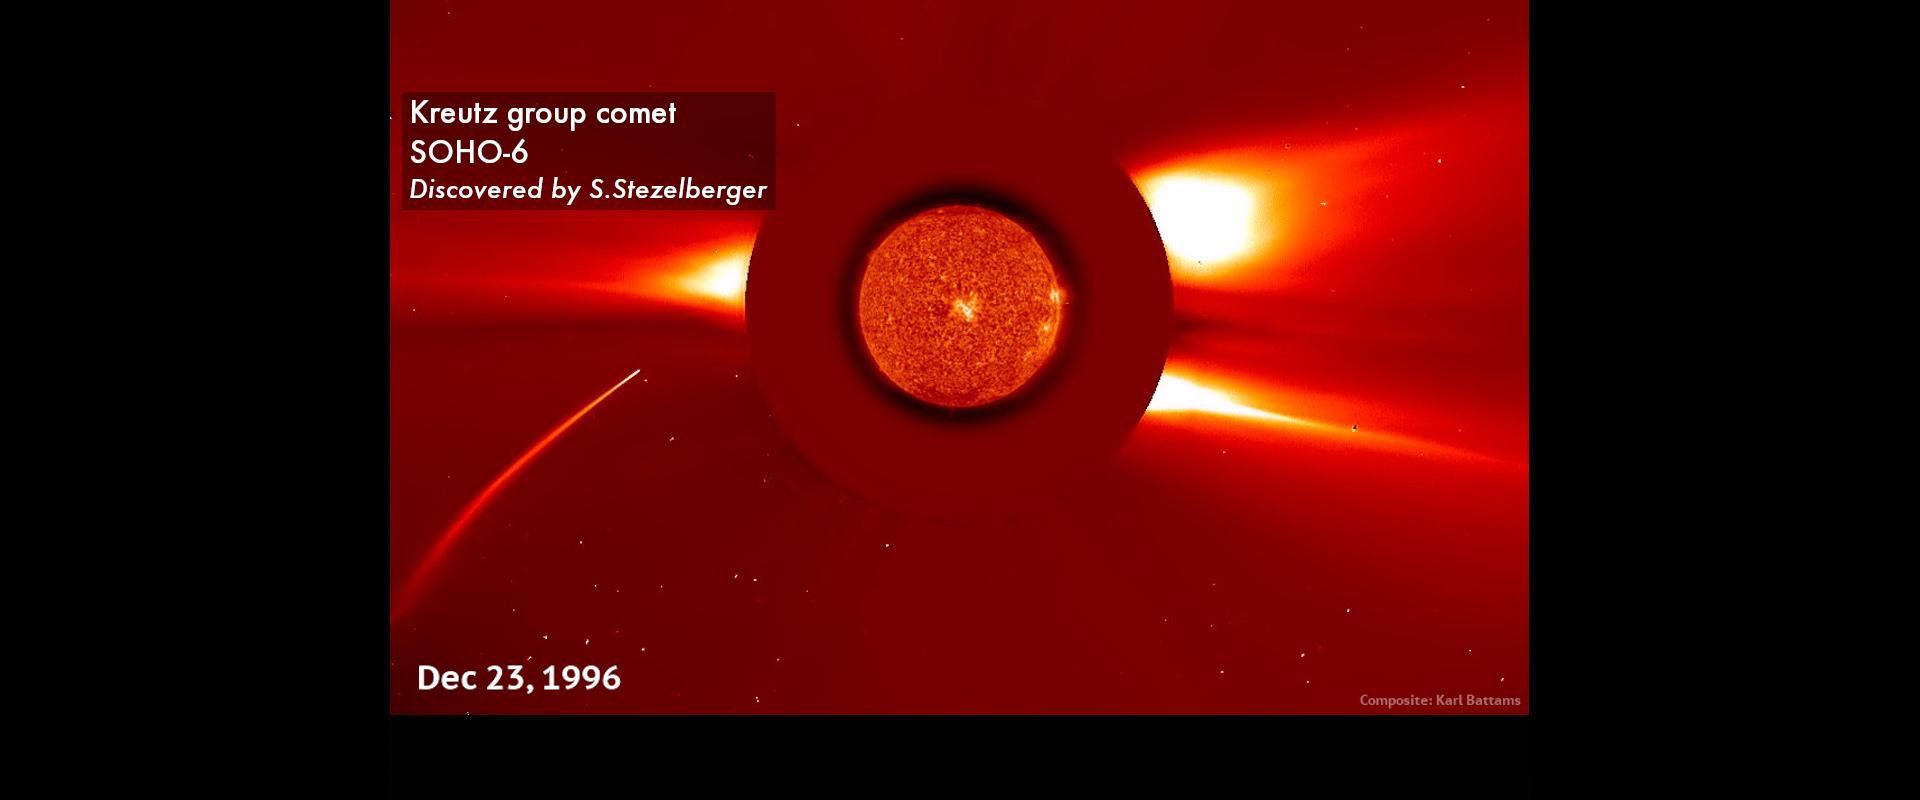 Kreutz group comet